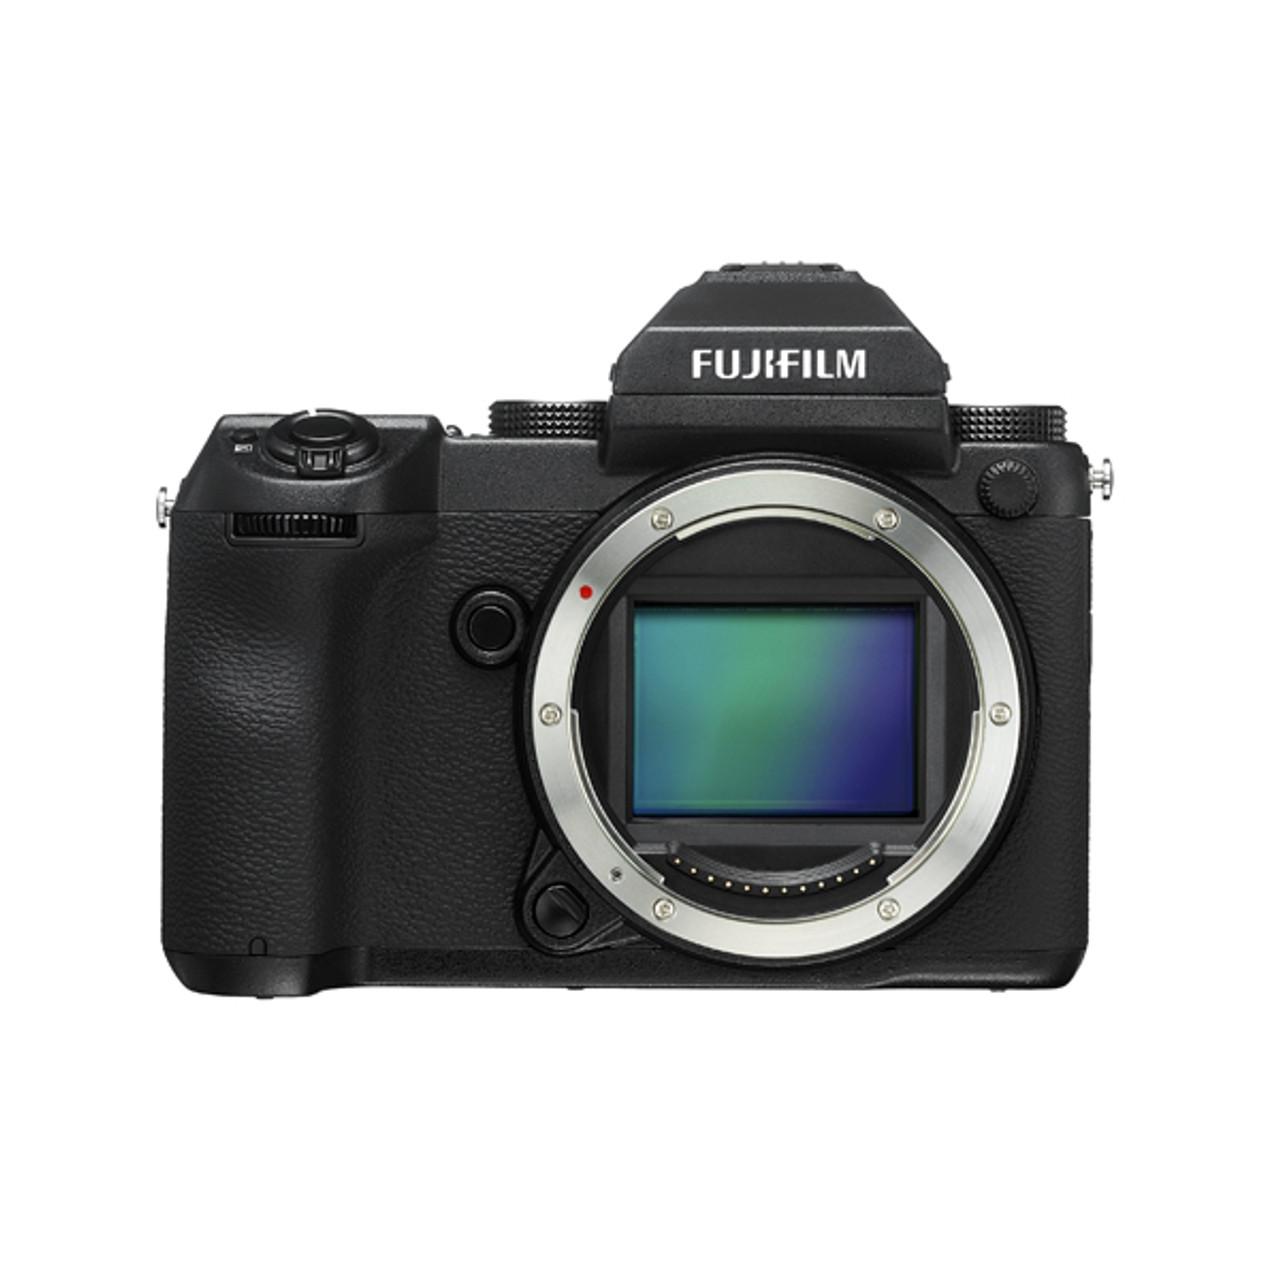 (Open Box/Display Unit) Fujifilm GFX50S Body